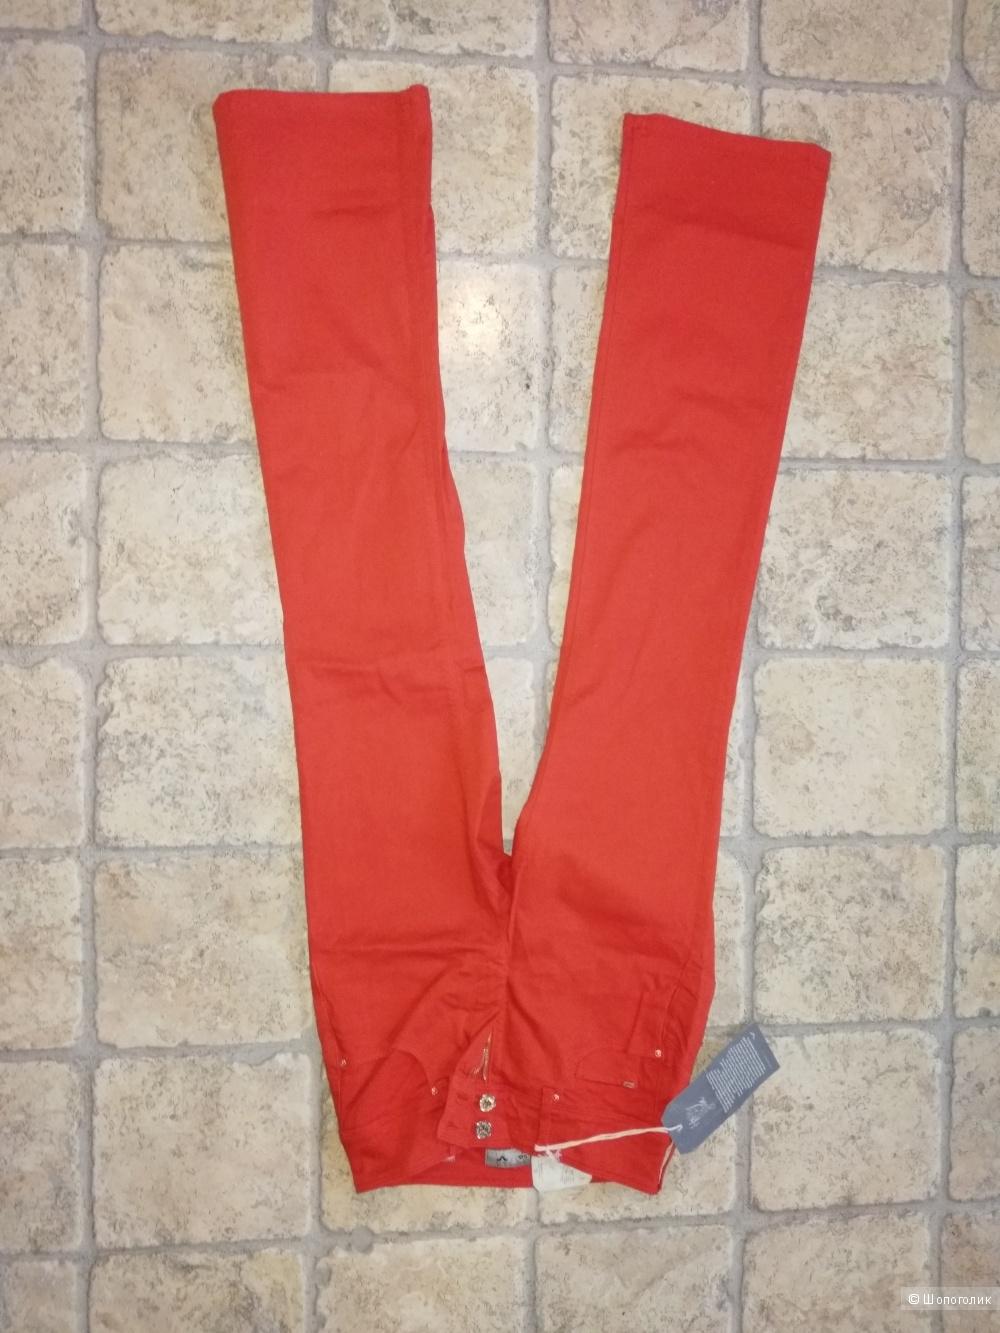 Джинсы ярко - красные от Push-in Secret Bootcut, Salsa 26/32 - 40 размер